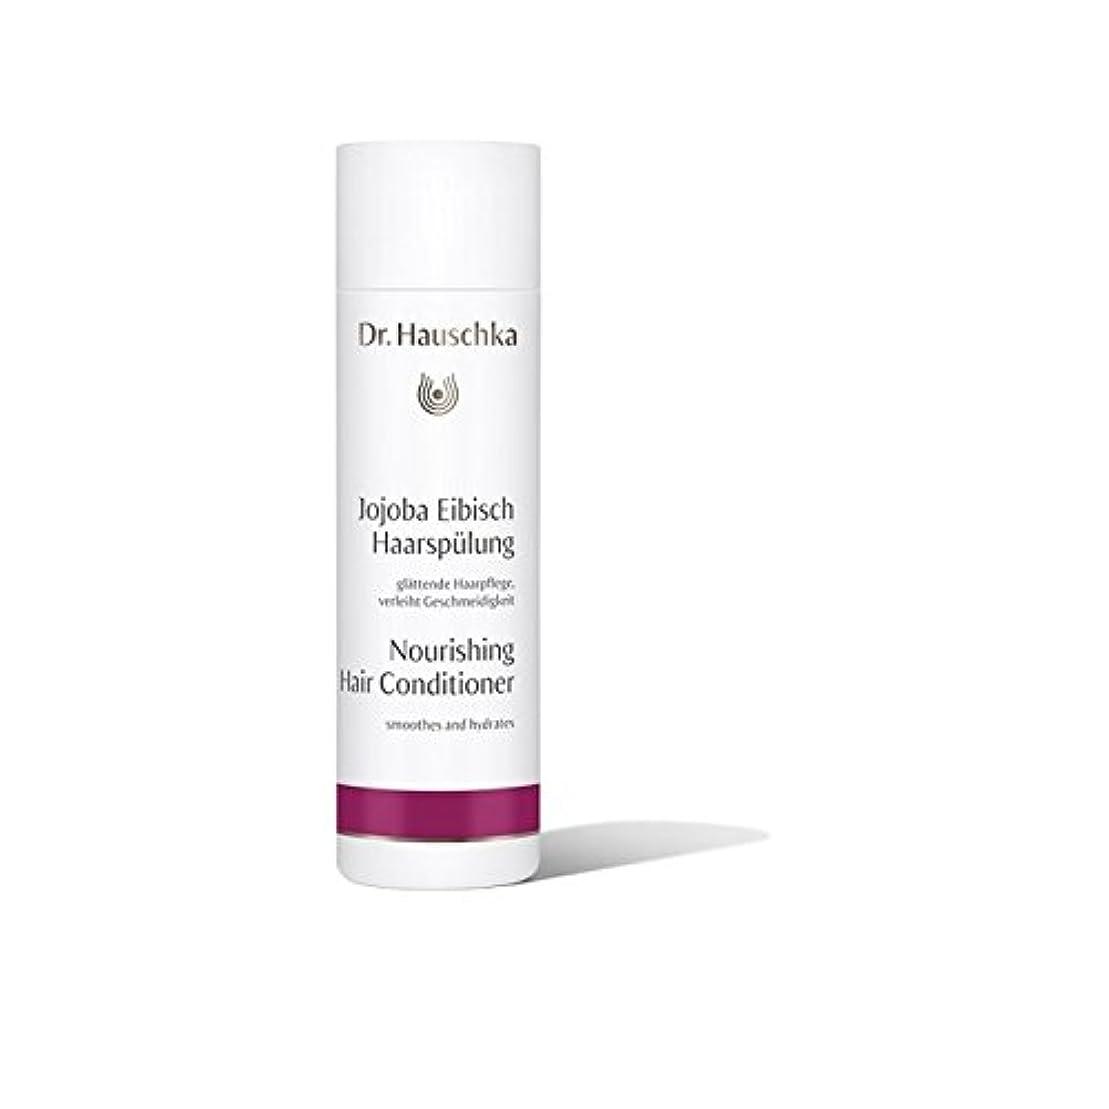 逮捕句読点住居Dr. Hauschka Nourishing Hair Conditioner (200ml) - ハウシュカ栄養ヘアコンディショナー(200ミリリットル) [並行輸入品]